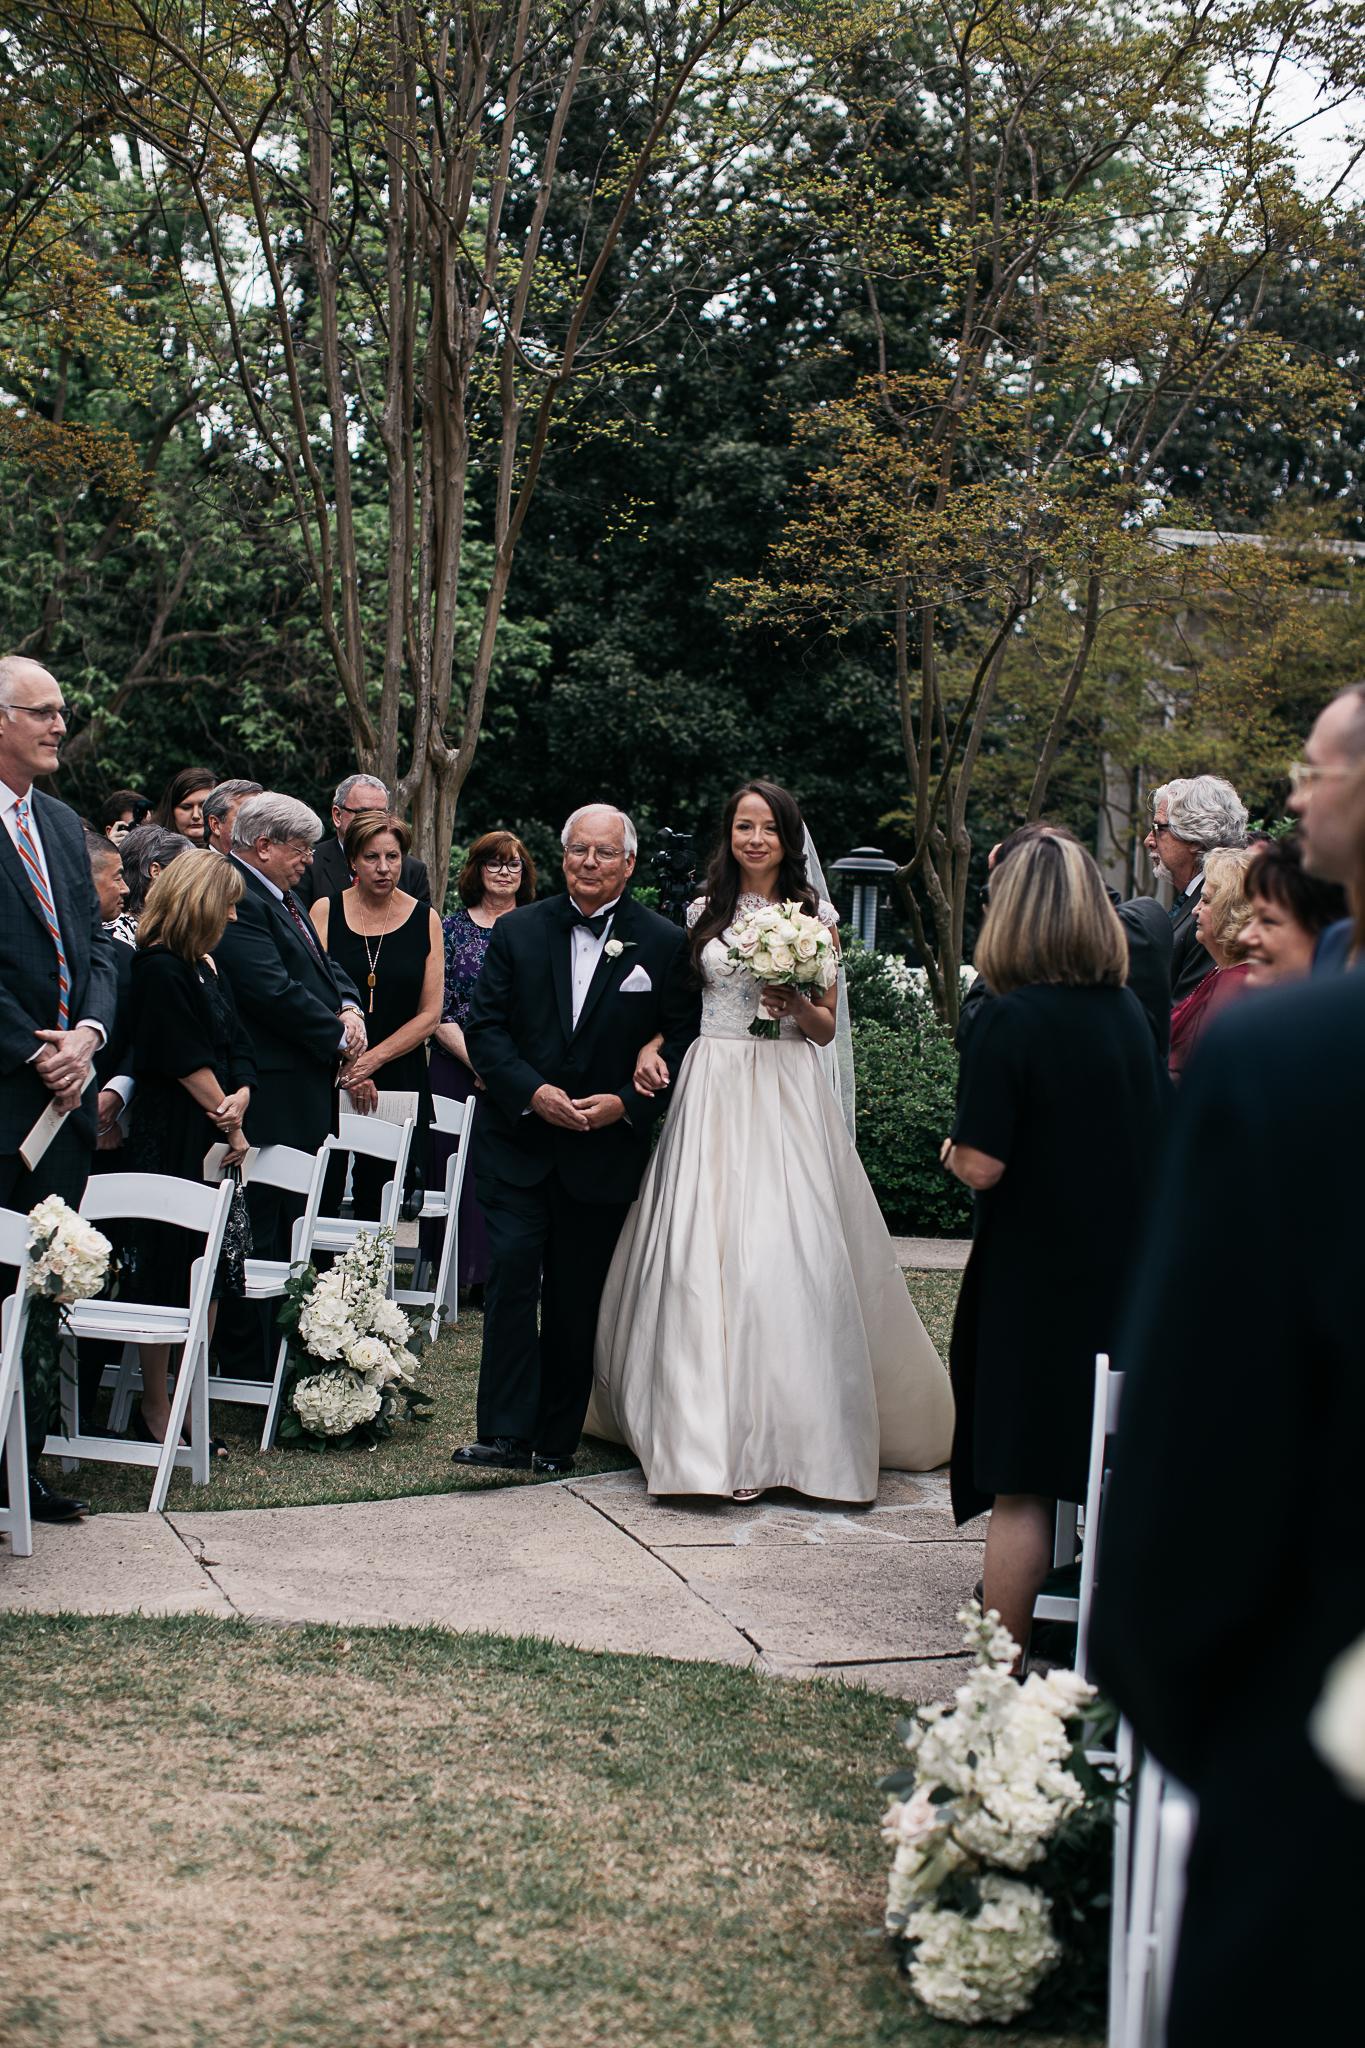 HannahandAndrew-thewarmtharoundyou-wedding10.jpg